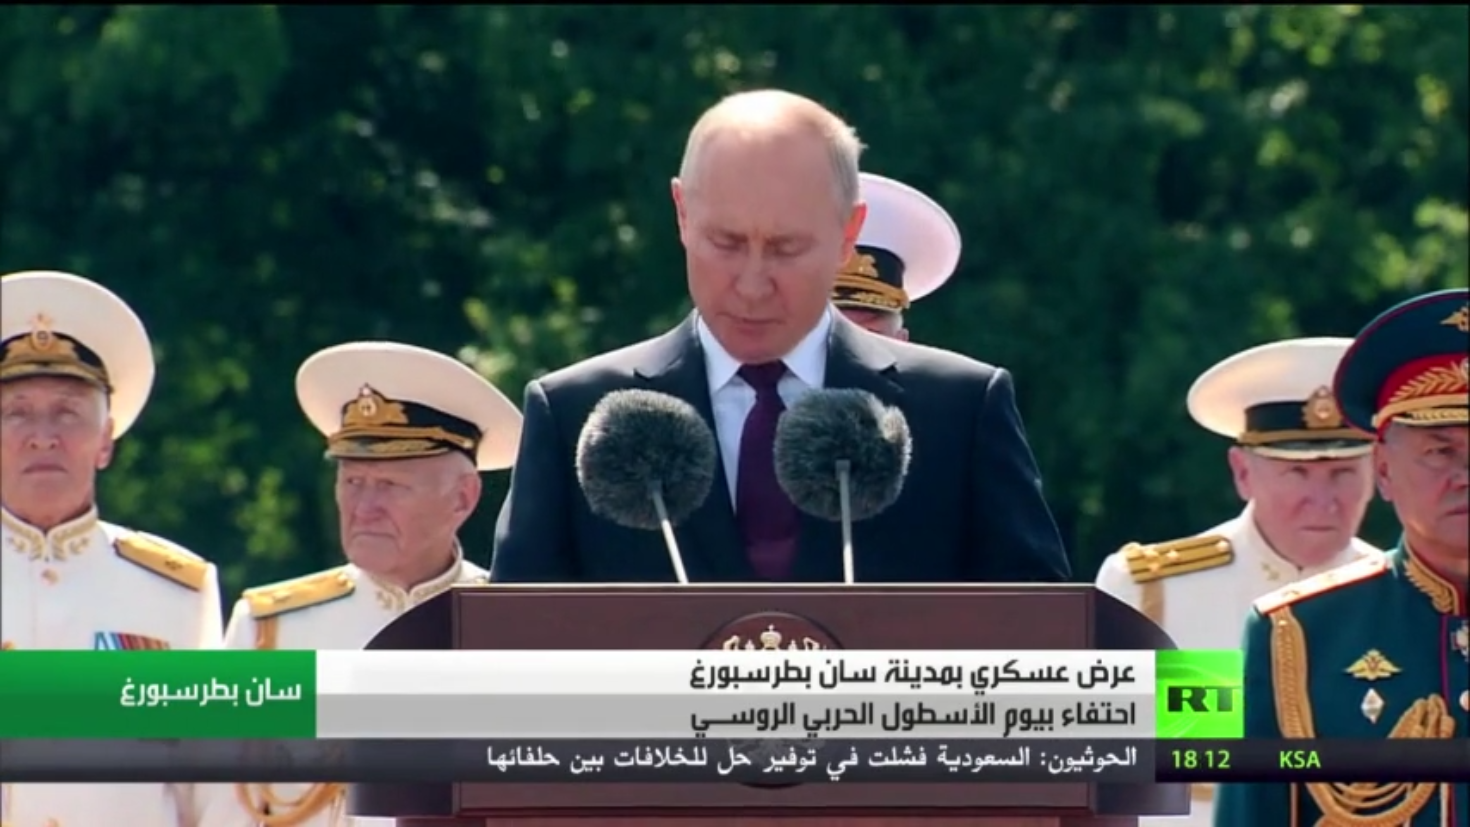 روسيا تحتفل بيوم الأسطول البحري الحربي